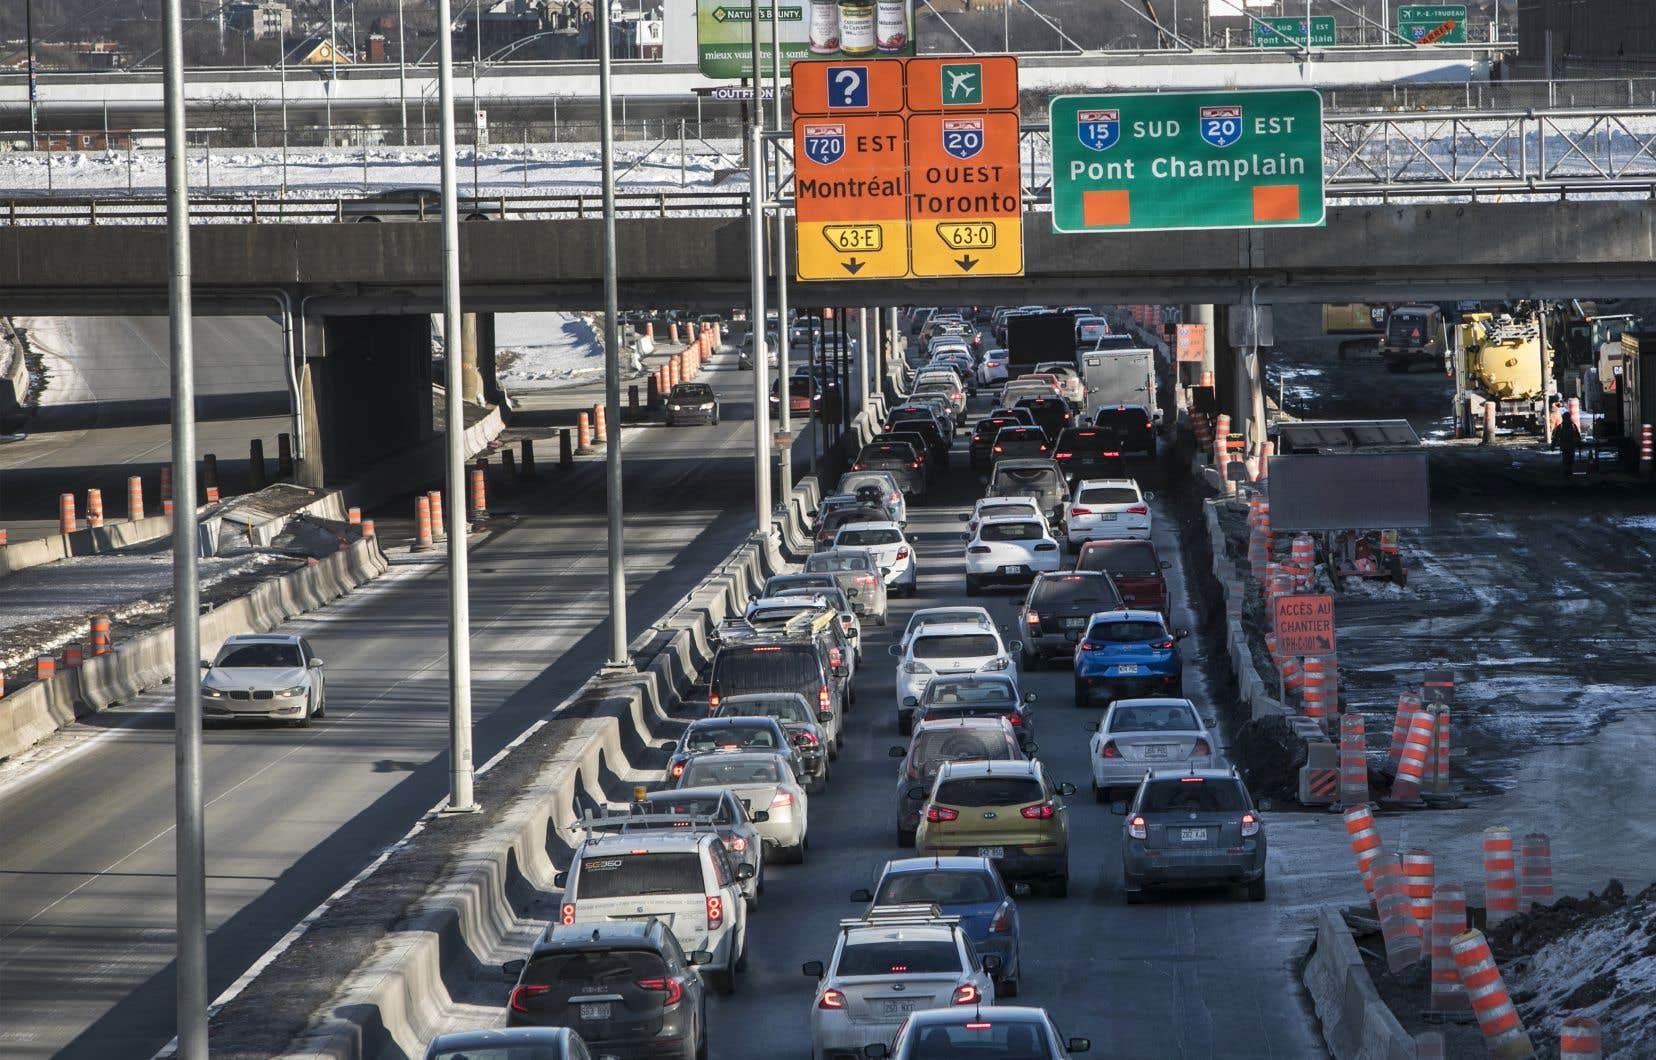 D'autres fermetures importantes perturberont la circulation automobile en fin de semaine prochaine dans l'échangeur Turcot.